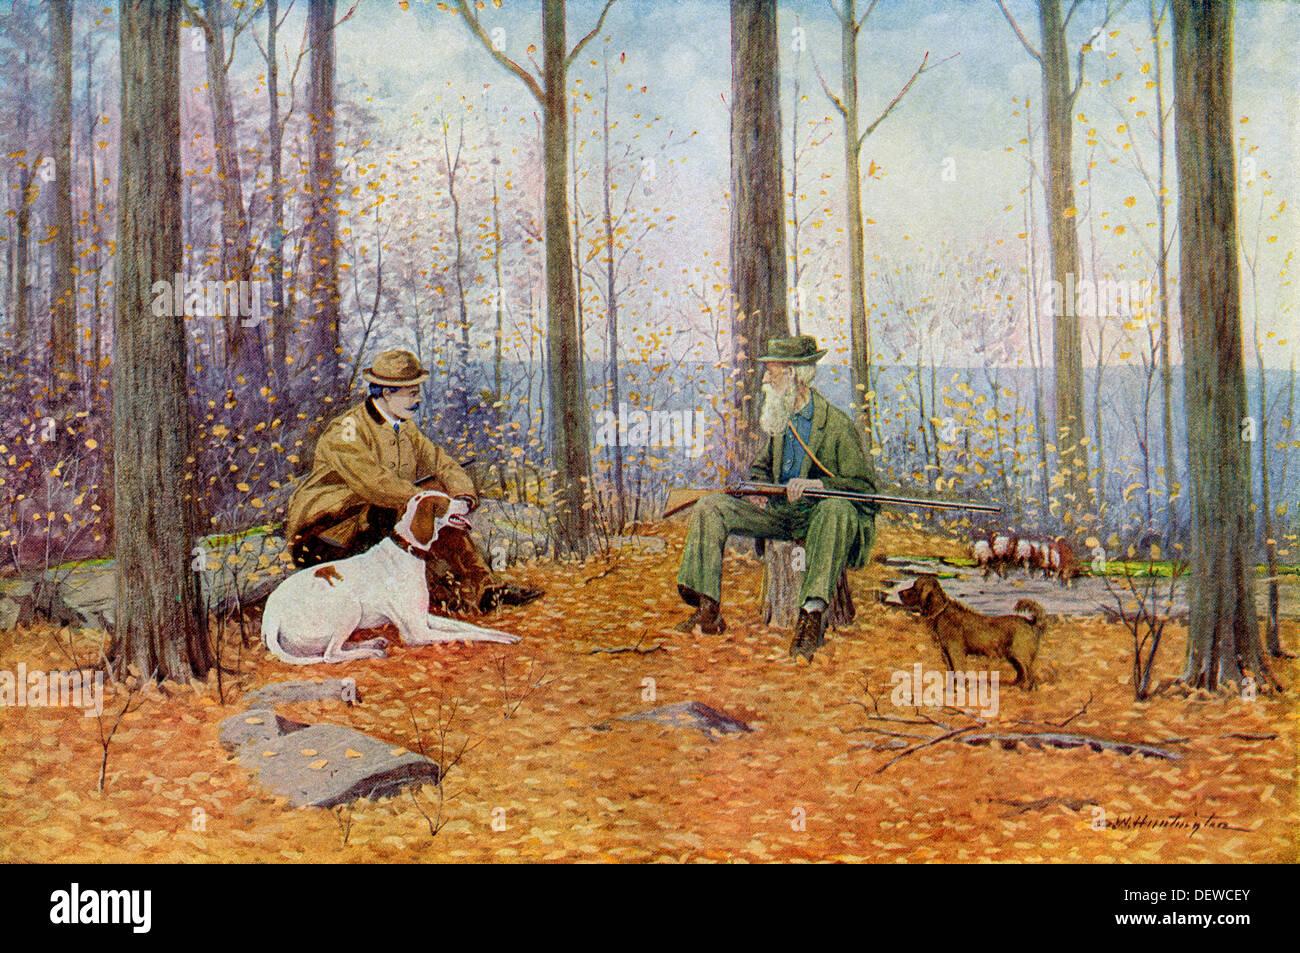 Jeunes et moins jeunes sportifs avec leurs chiens d'oiseaux à l'automne bois, vers 1900. Lithographie en couleur d'un A.B. Frost illustration Photo Stock